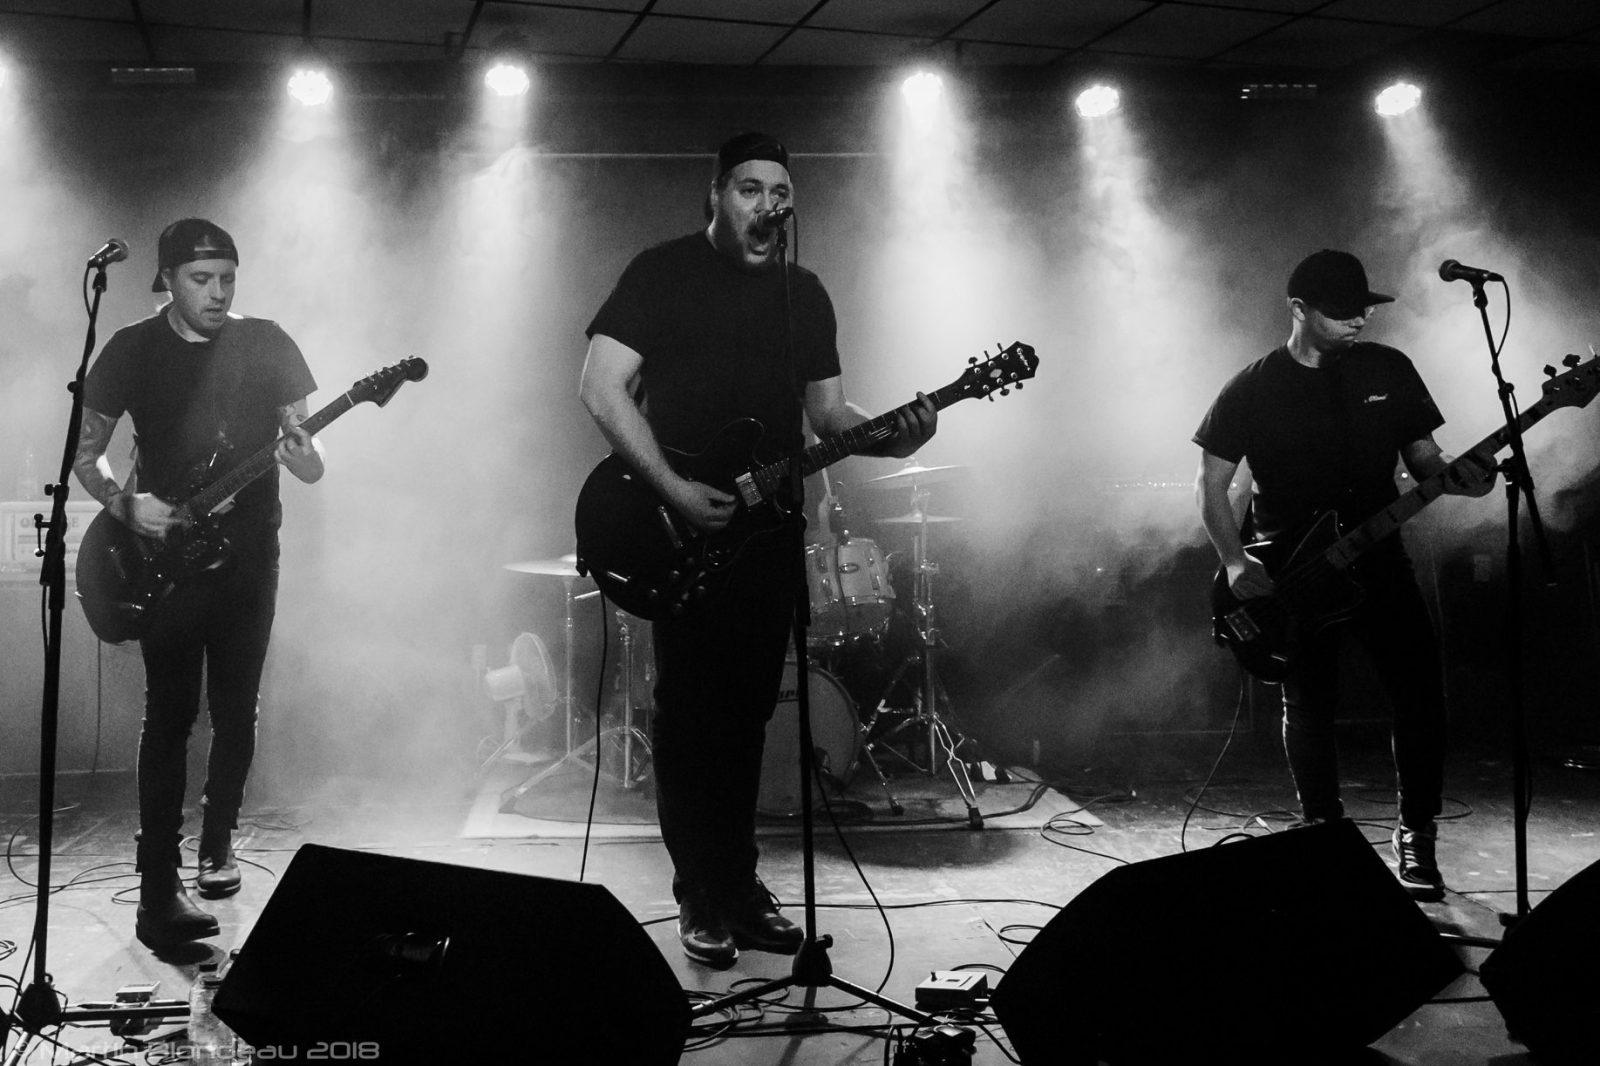 Cinq heures de rock à l'état PUR! Trois groupes mettront la table avant The Offspring